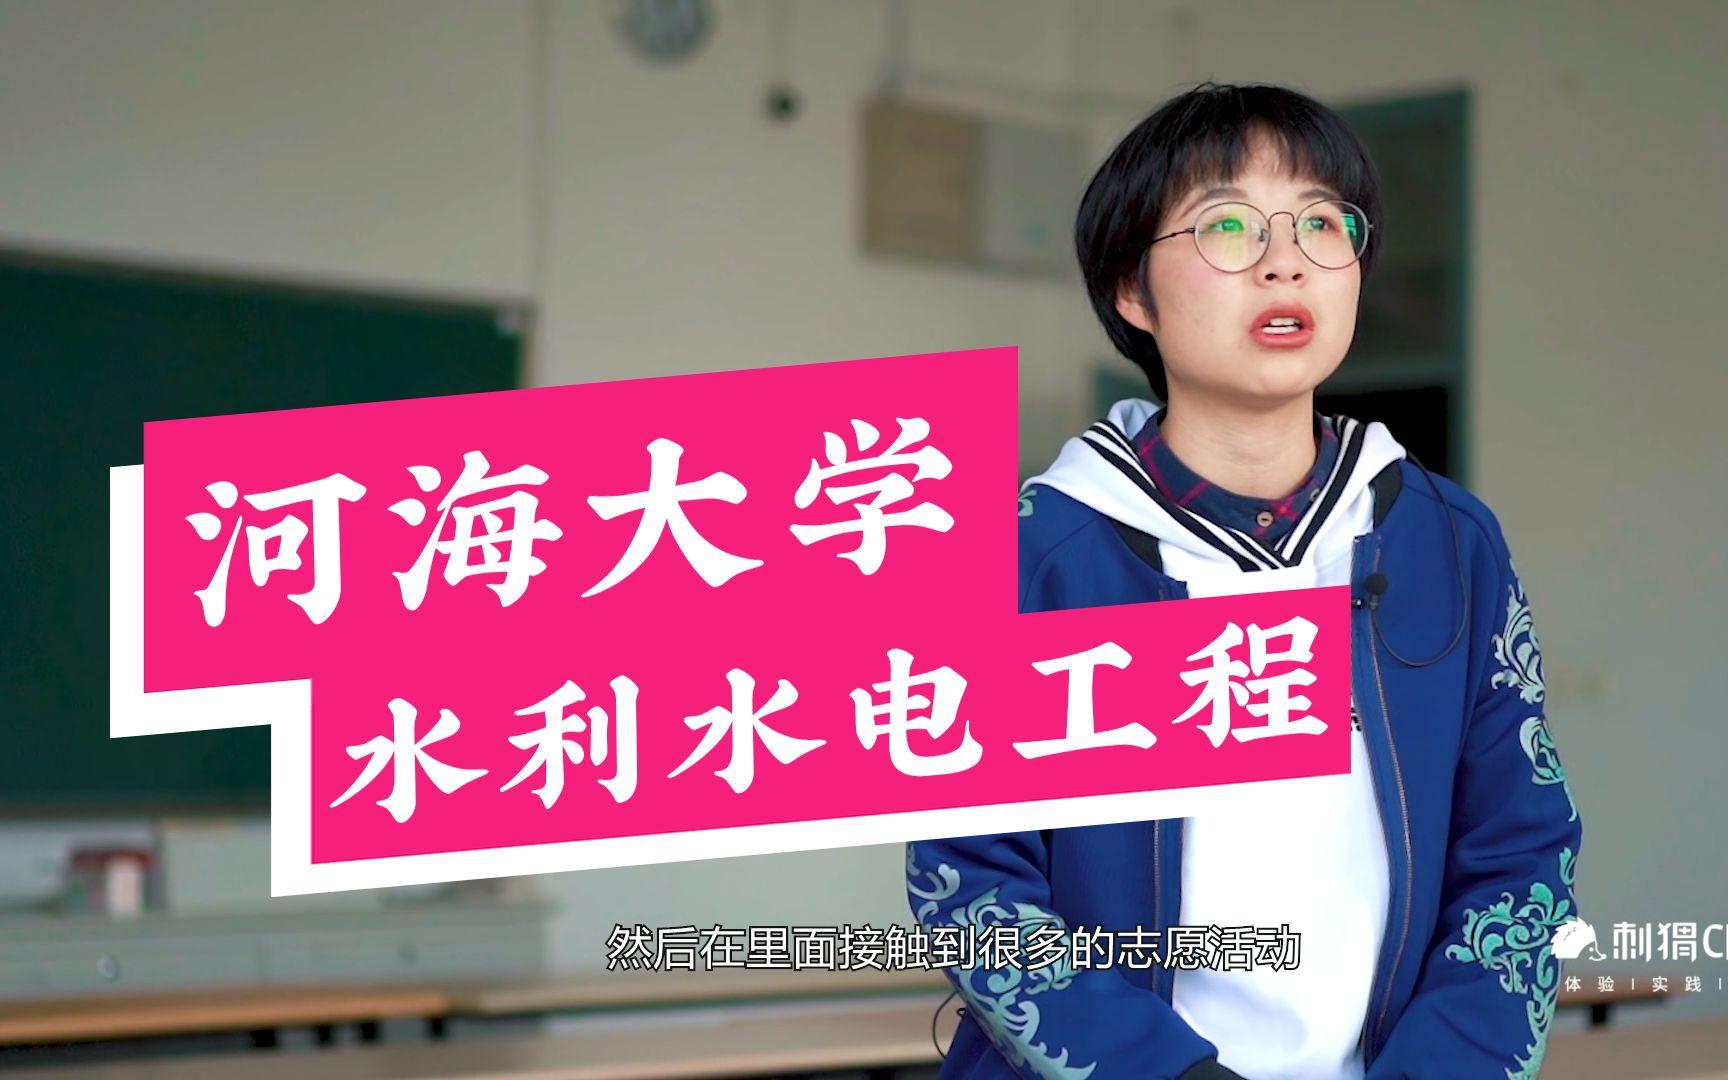 【哈喽,河海大学!】水利水电工程系!